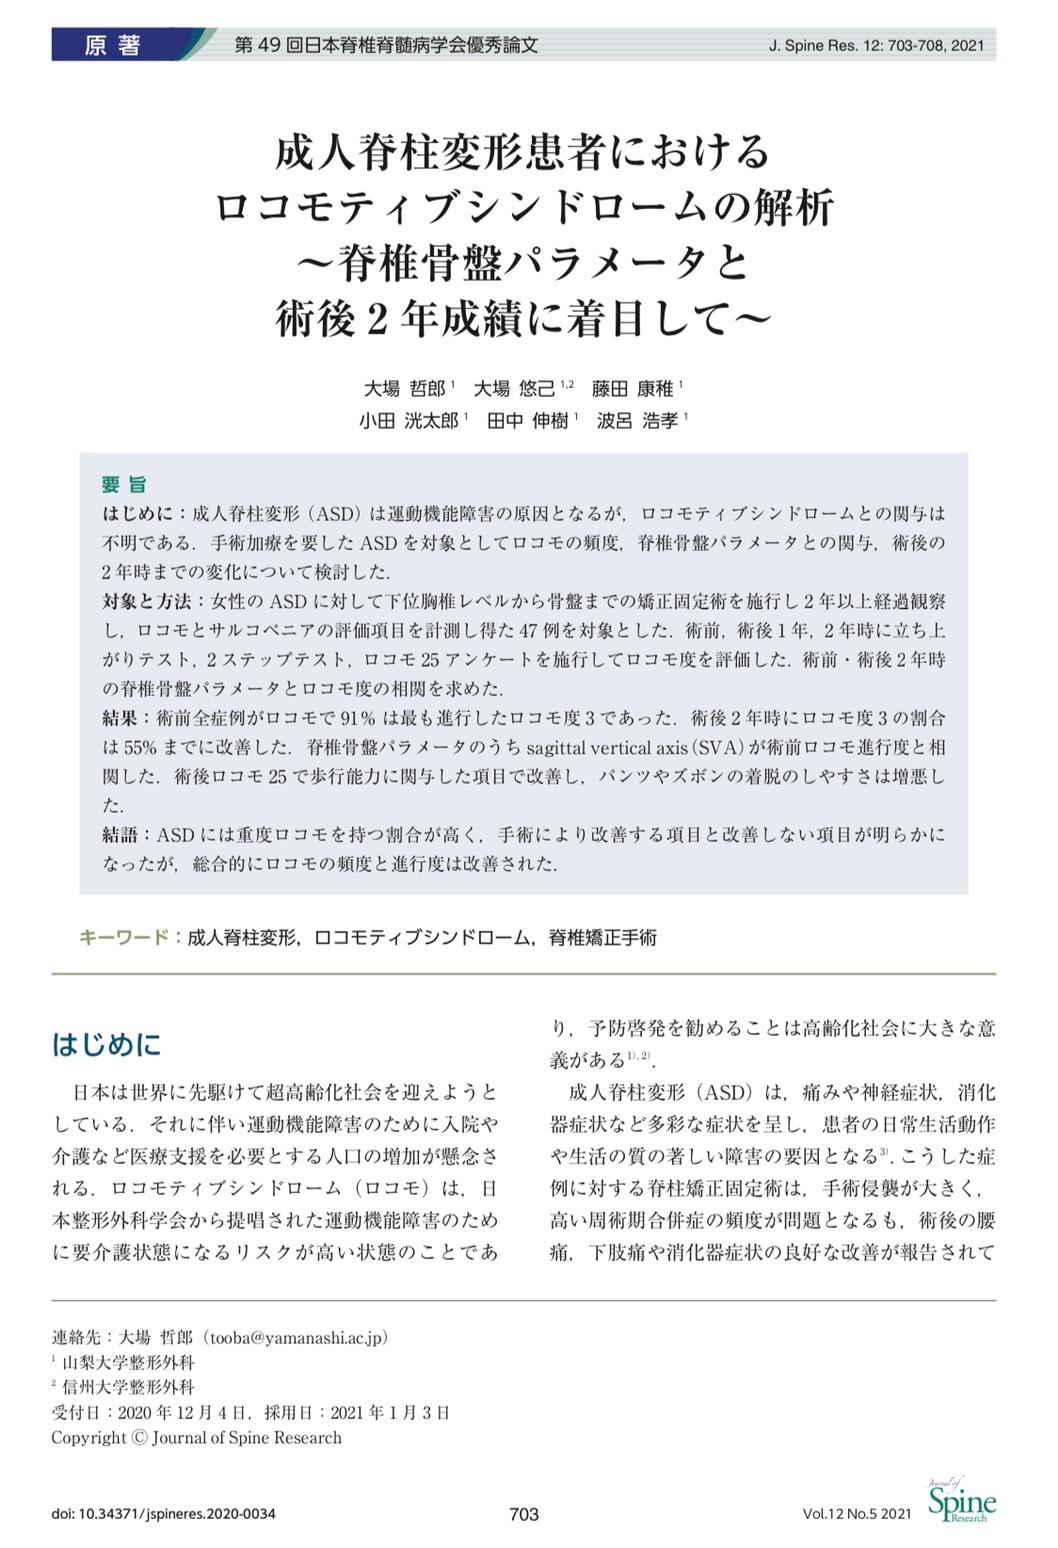 大場哲郎先生が第49回日本脊椎脊髄病学会優秀論文賞を受賞されました。